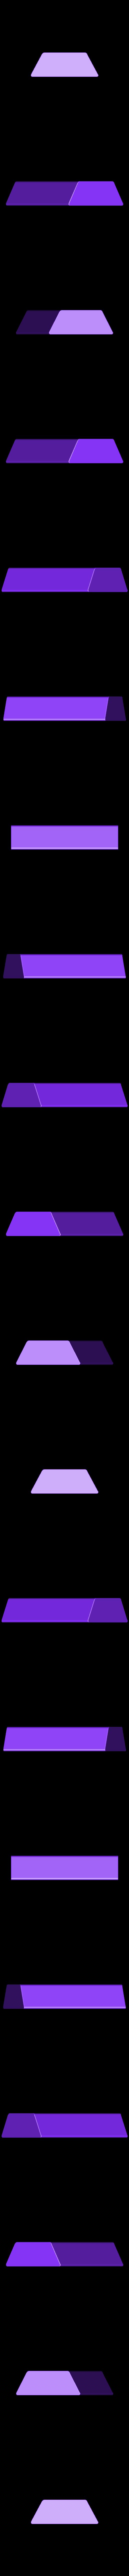 trapezium_20.STL Télécharger fichier STL gratuit Support pour comparateur à cadran • Modèle imprimable en 3D, perinski